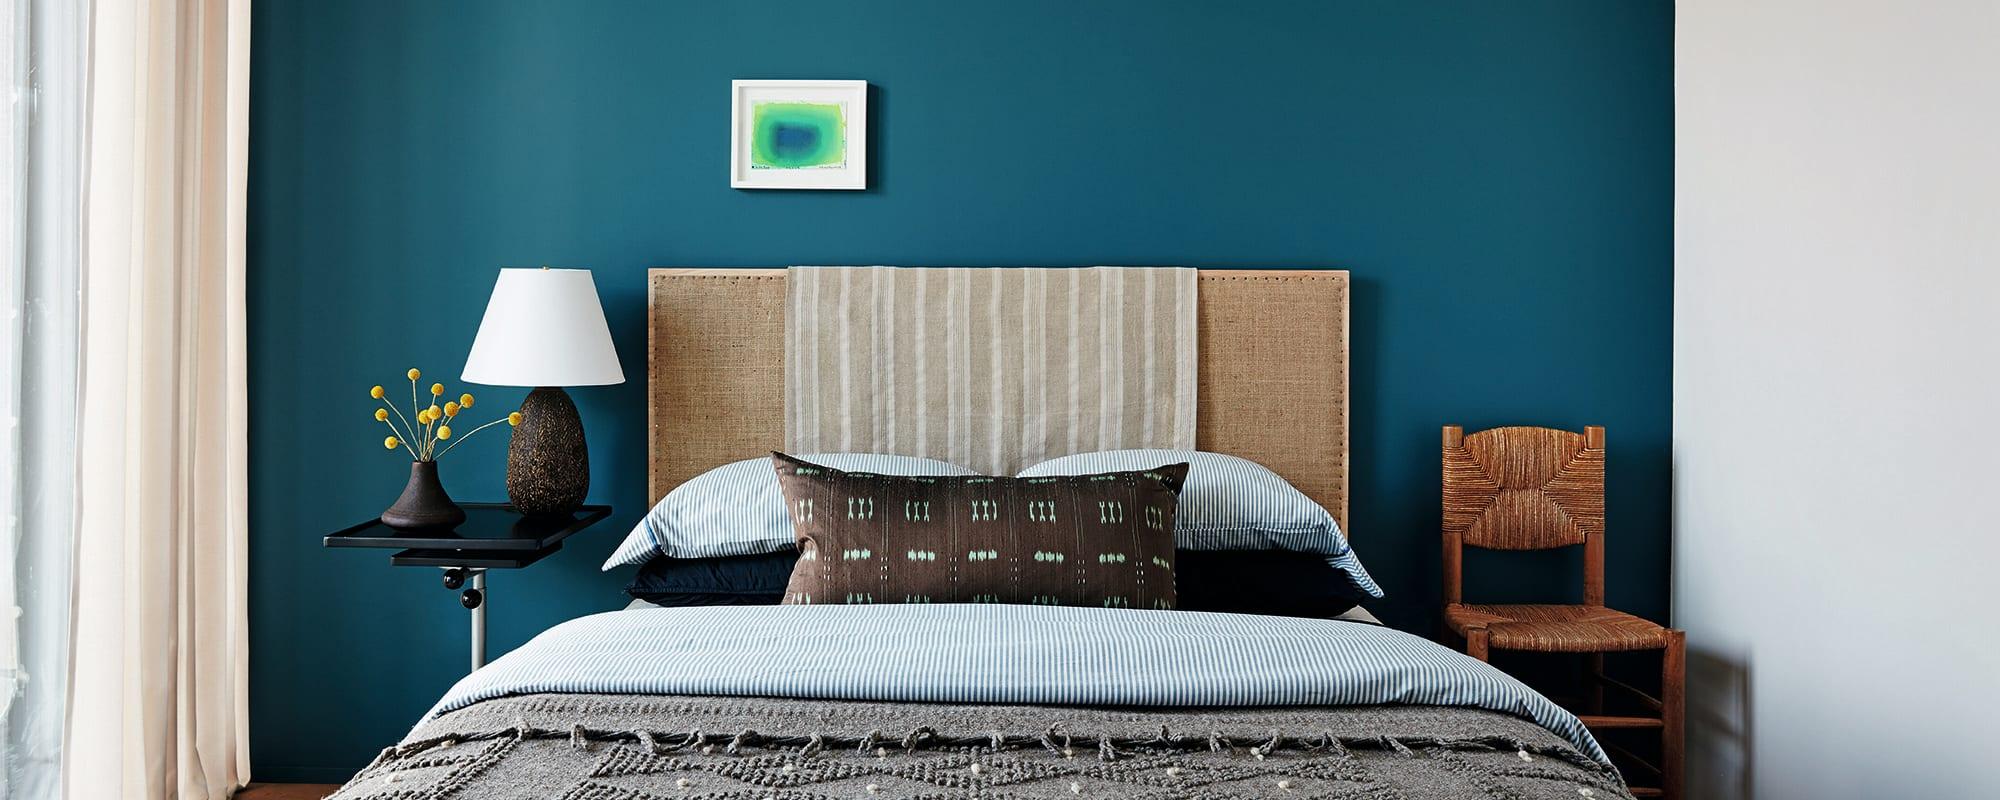 Design, Schlafzimmer, Interior, AD, Neal Beckstedt